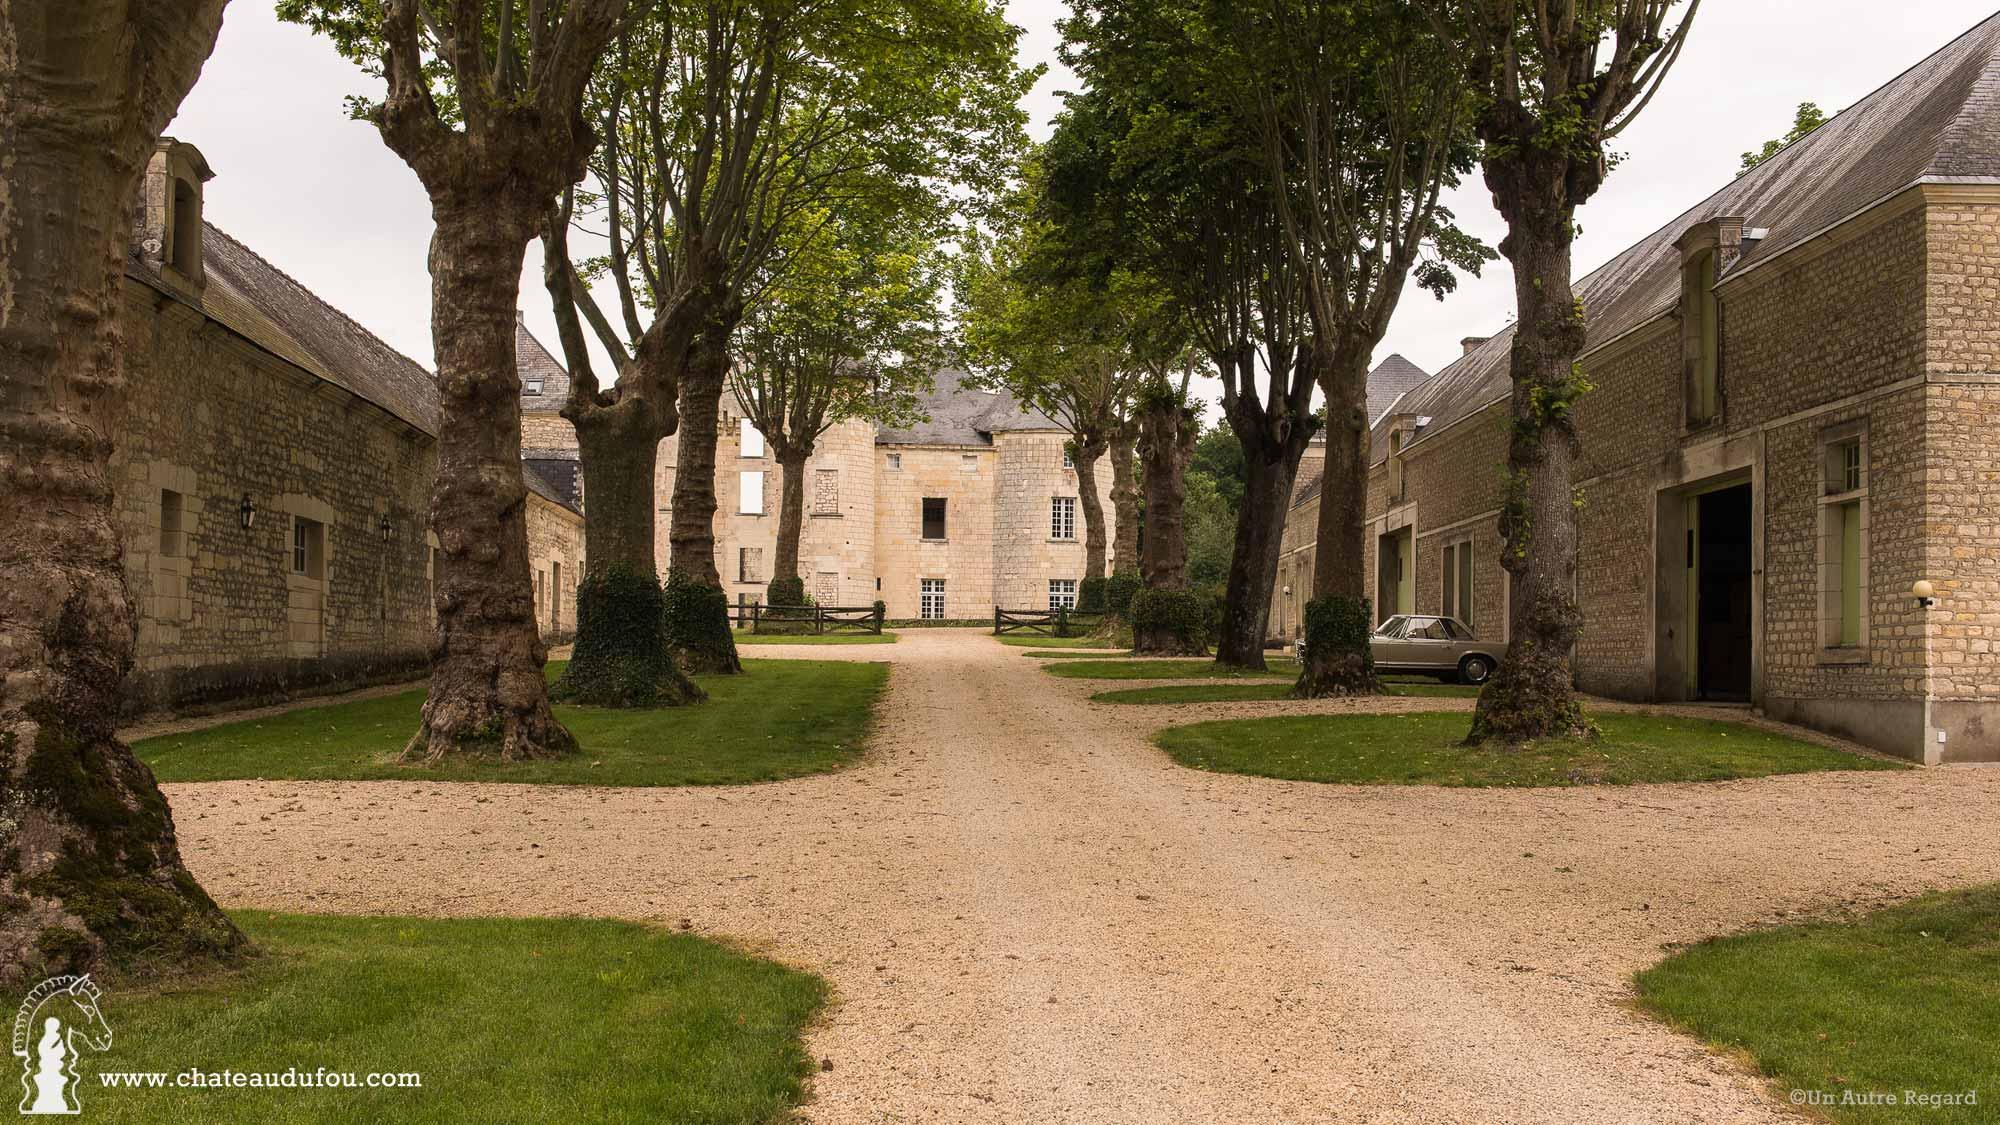 chateau-du-fou-salle-de-reception-tours-07.jpg